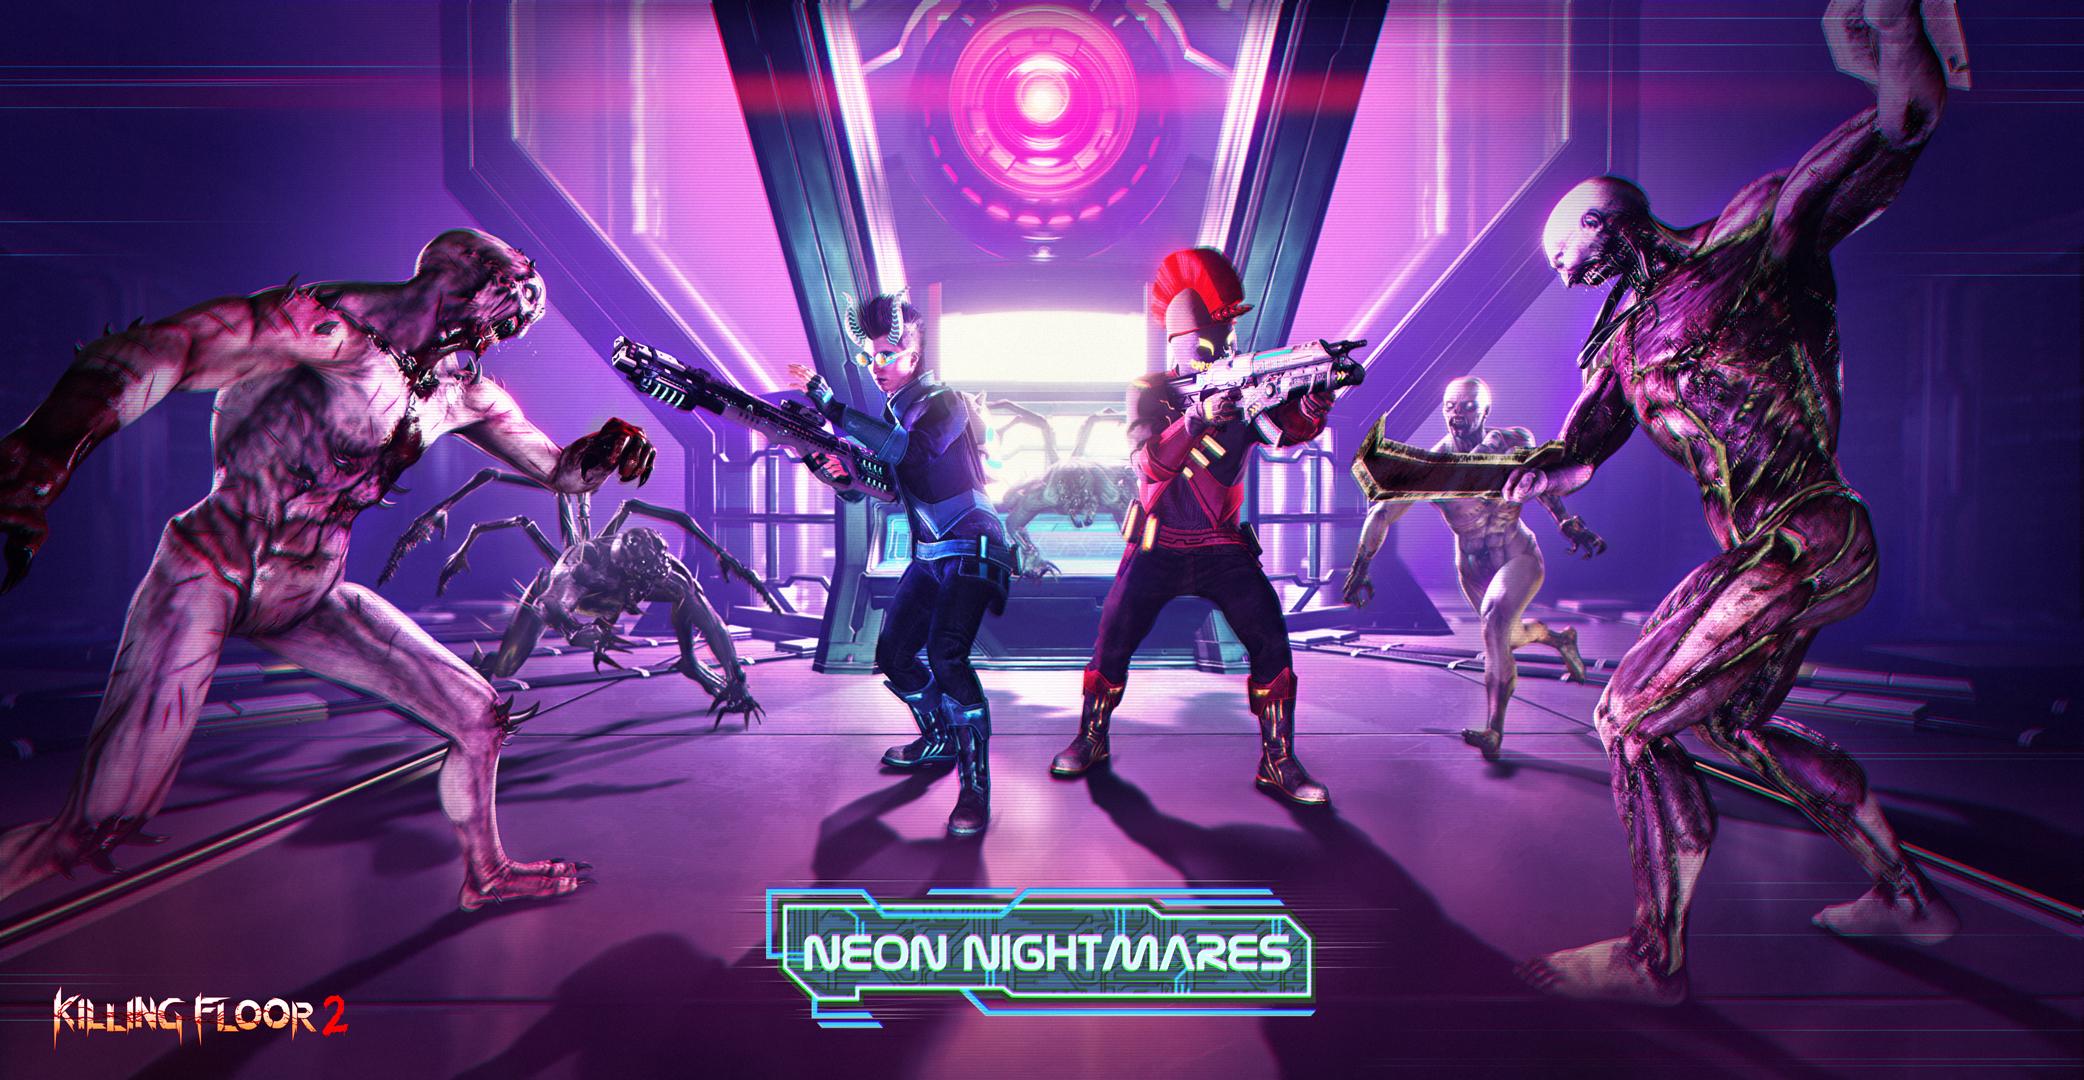 В Killing Floor 2 началось весеннее событие Neon Nightmares